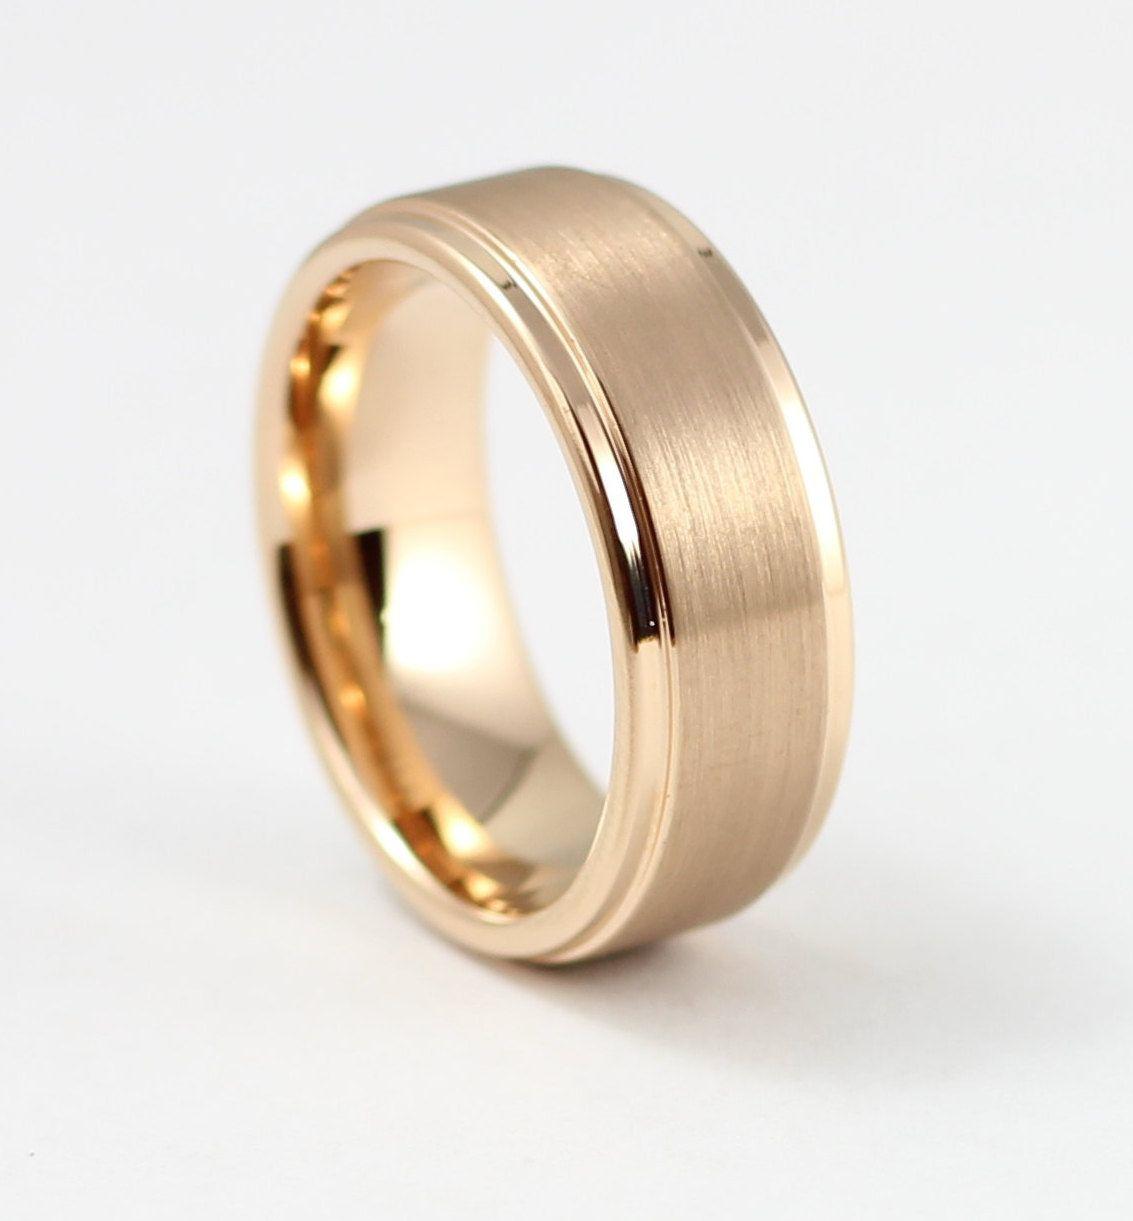 Beautiful Rose Gold Men S Wedding Band 8mm Men S Ring Tungsten Carbide Ring Free Engraving Comfort Fit Sizes 7 15 Mens Gold Wedding Band Rose Gold Mens Wedding Band Mens Wedding Rings